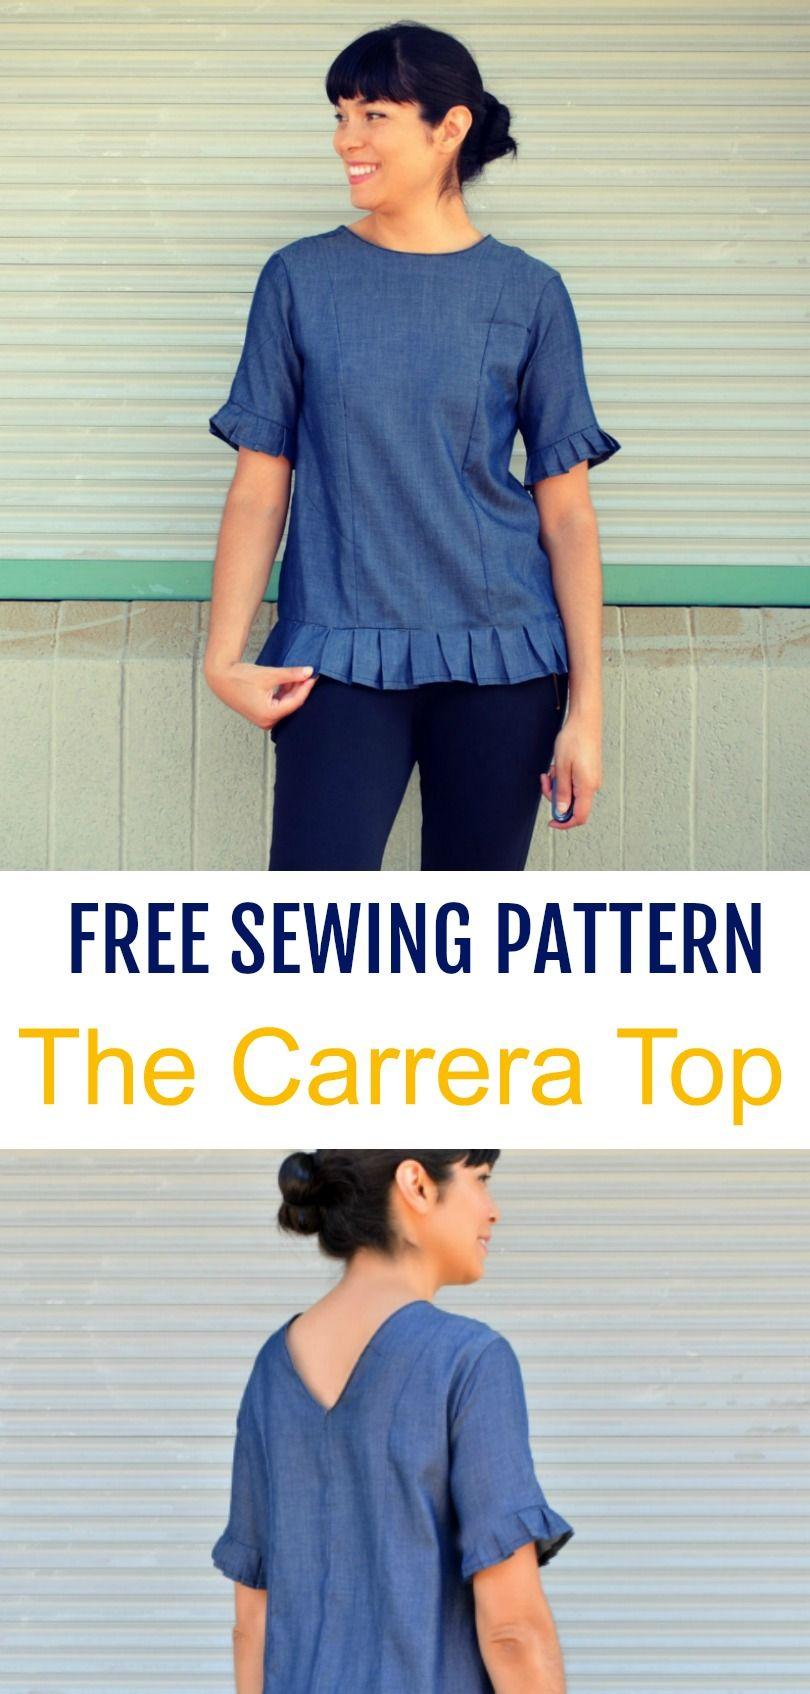 FREE PATTERN ALERT: The Carrera Top | Oberteile, Nähen und Damenkleidung